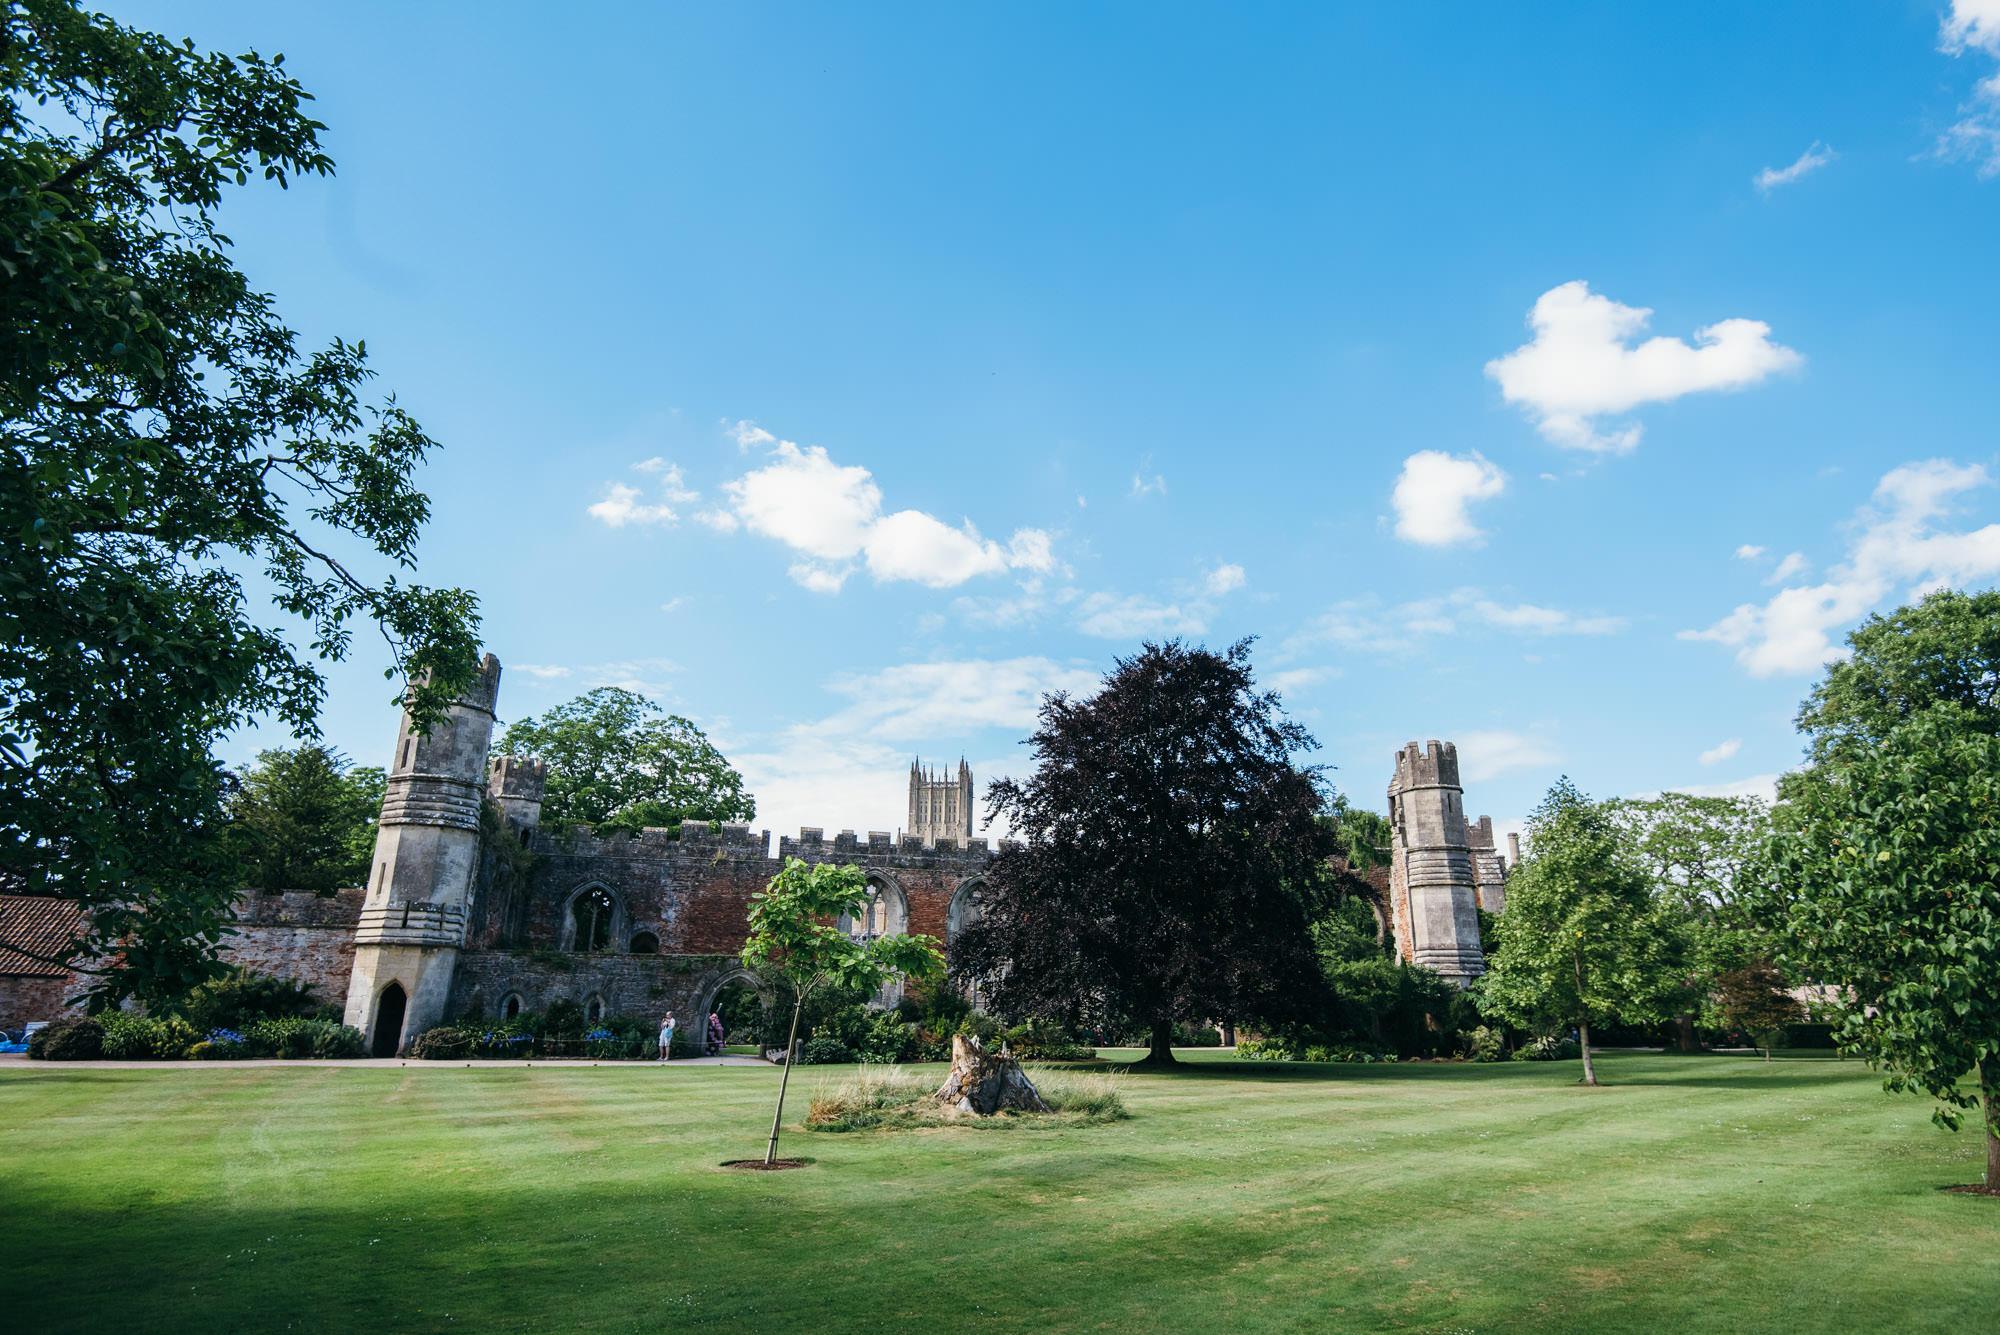 Bishops palace lawns